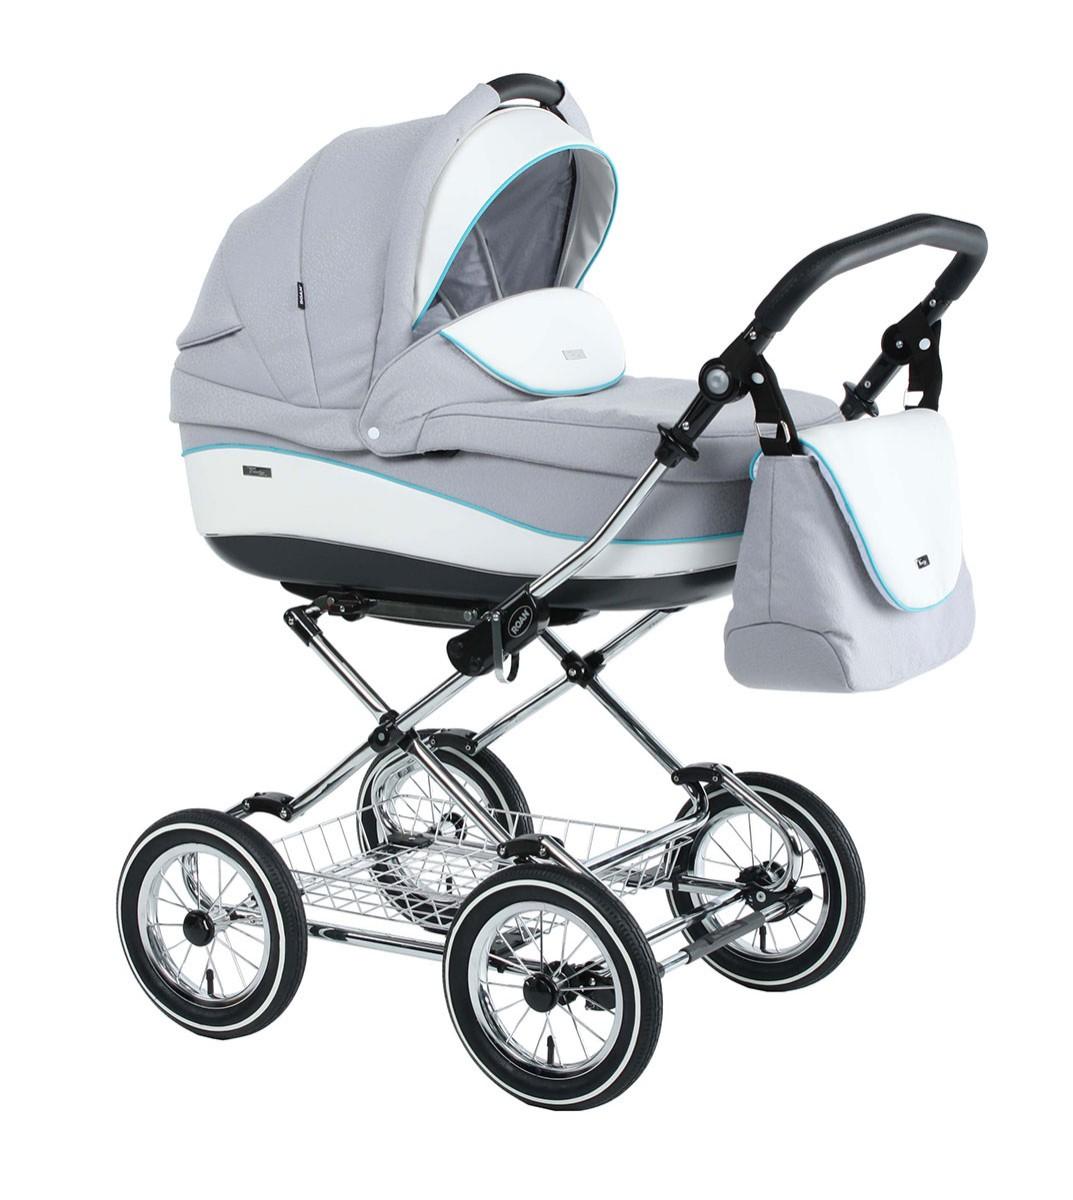 Детская коляска для новорожденных 3 в 1, Roan Emma - Роан Эмма, самая модная коляска для новорожденных, модные коляски, купить коляску для новорожденного, детские коляски роан, детские коляски roan, Roan Emma, цвет RP8